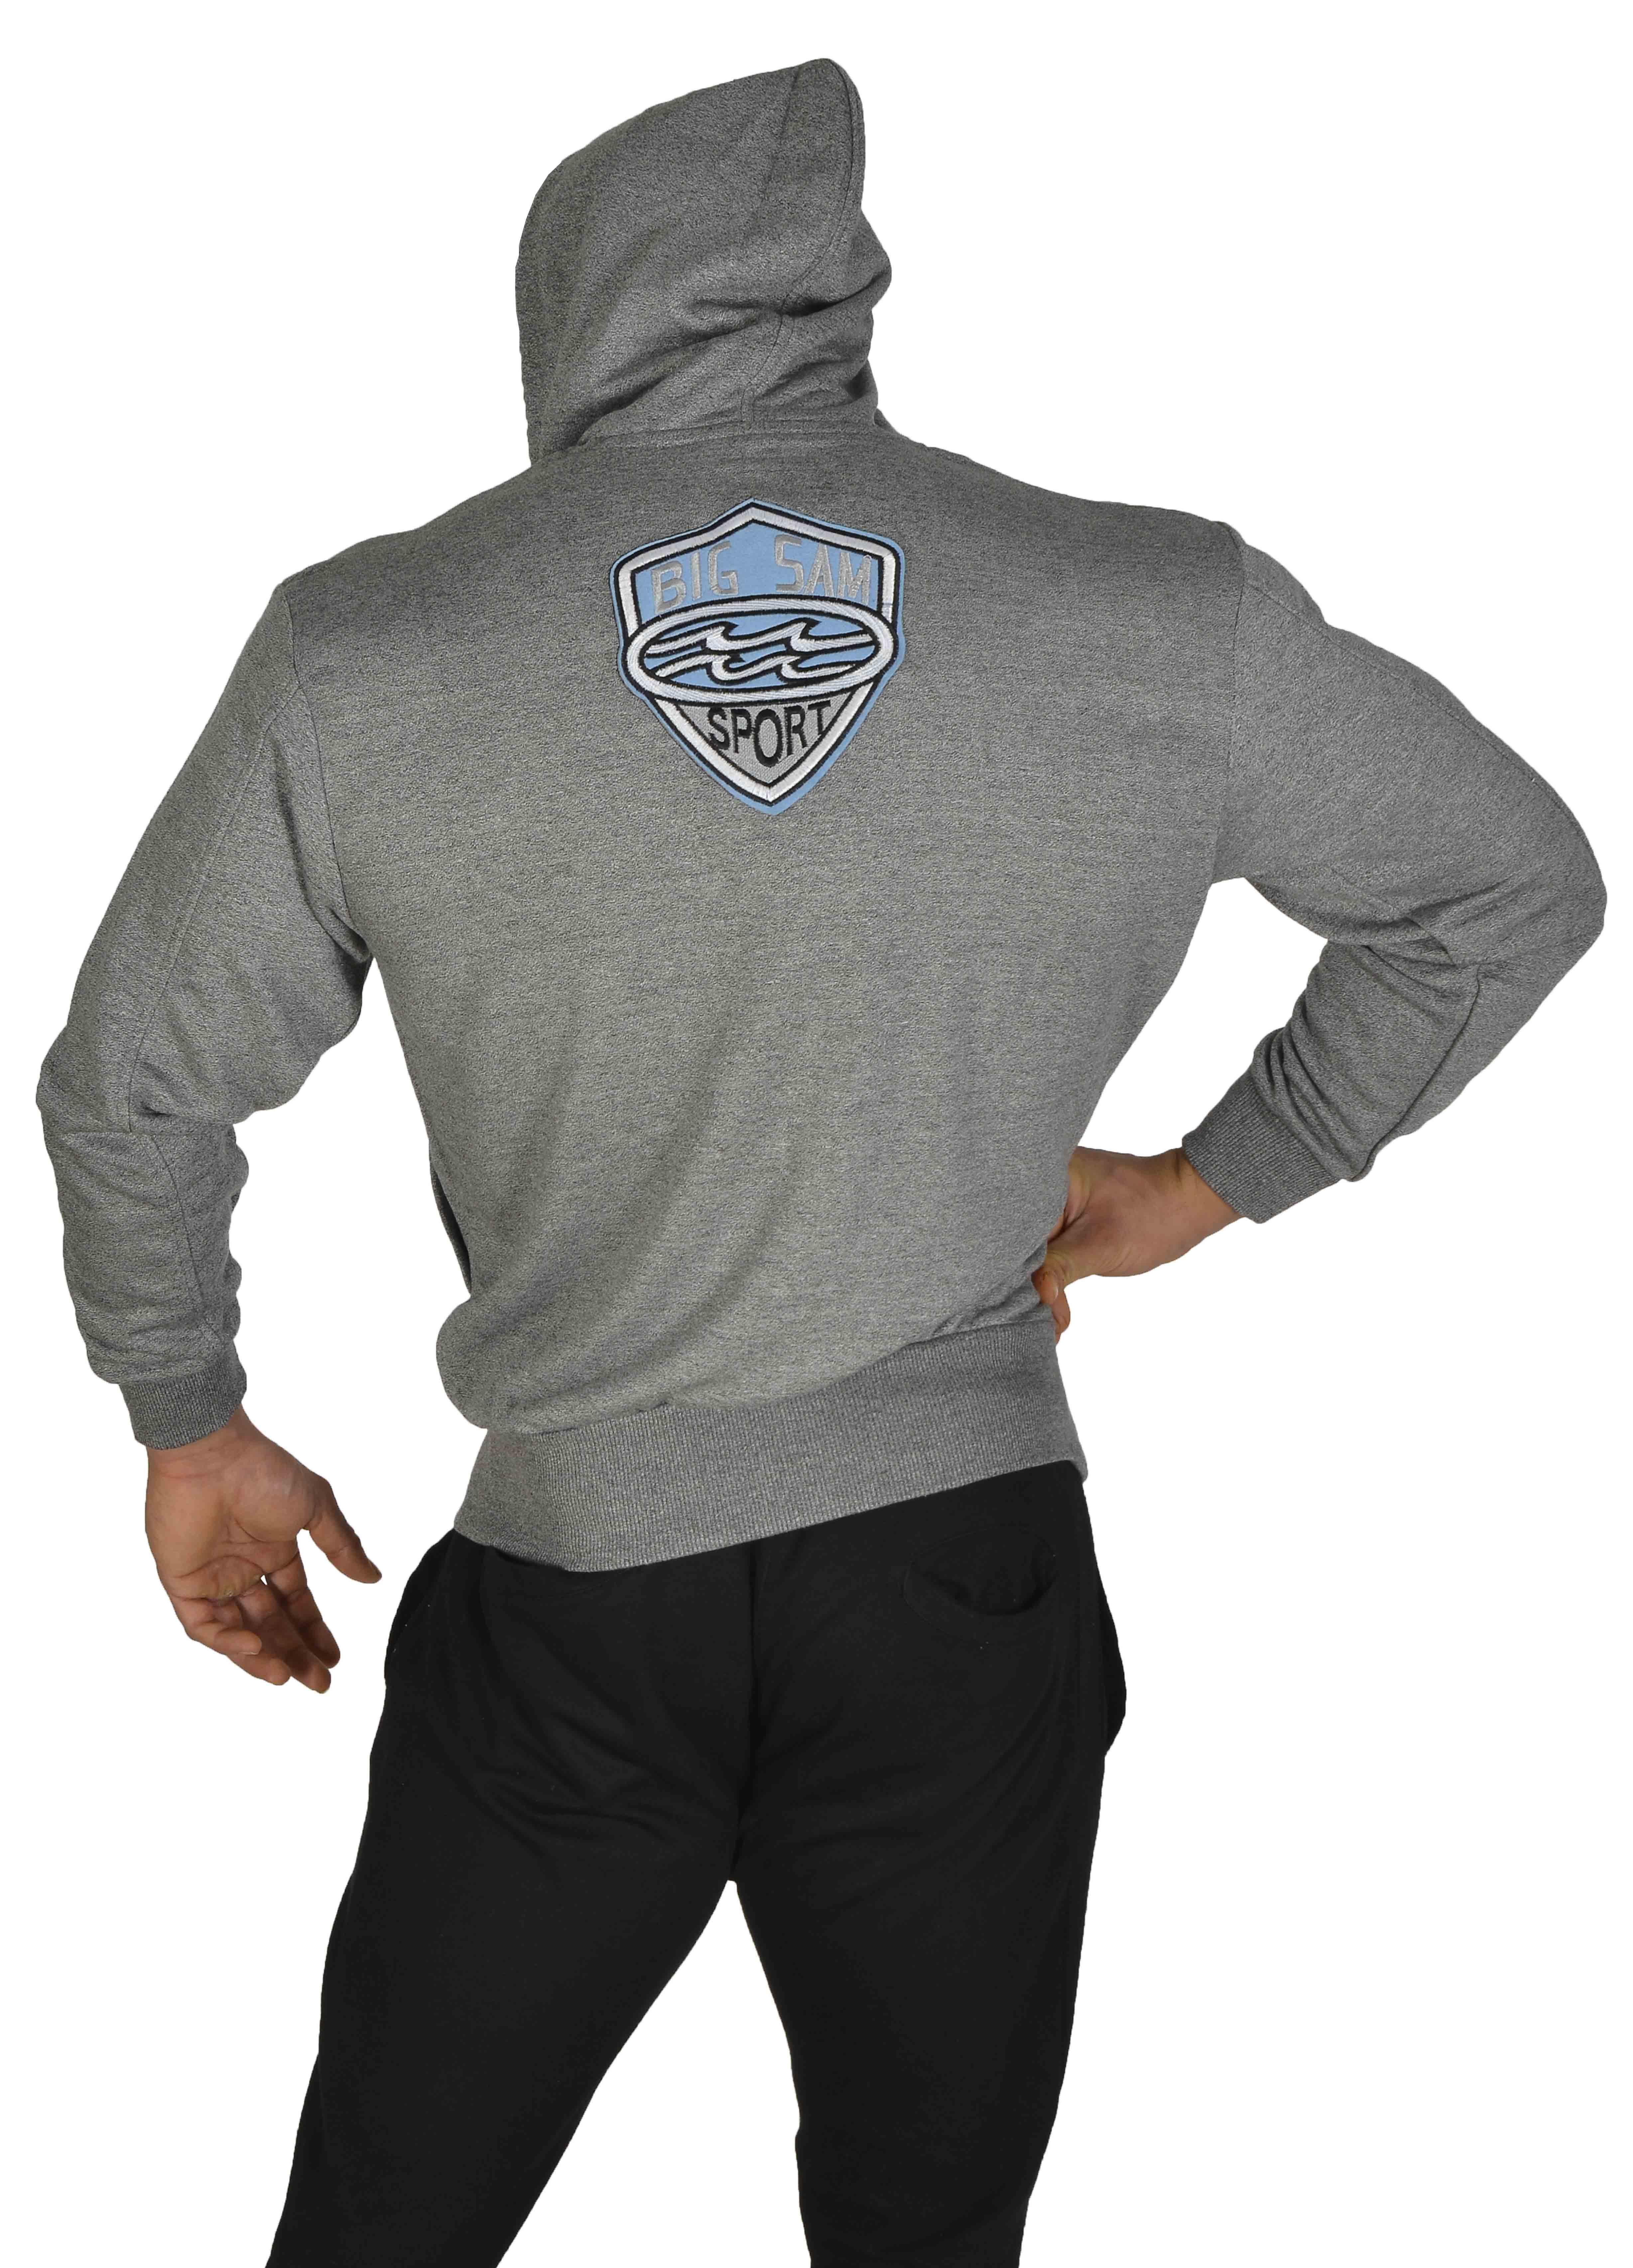 Sportswear Big con capucha Sm Extreme chaqueta sudadera 3579 Bodybuilding qqOES7F